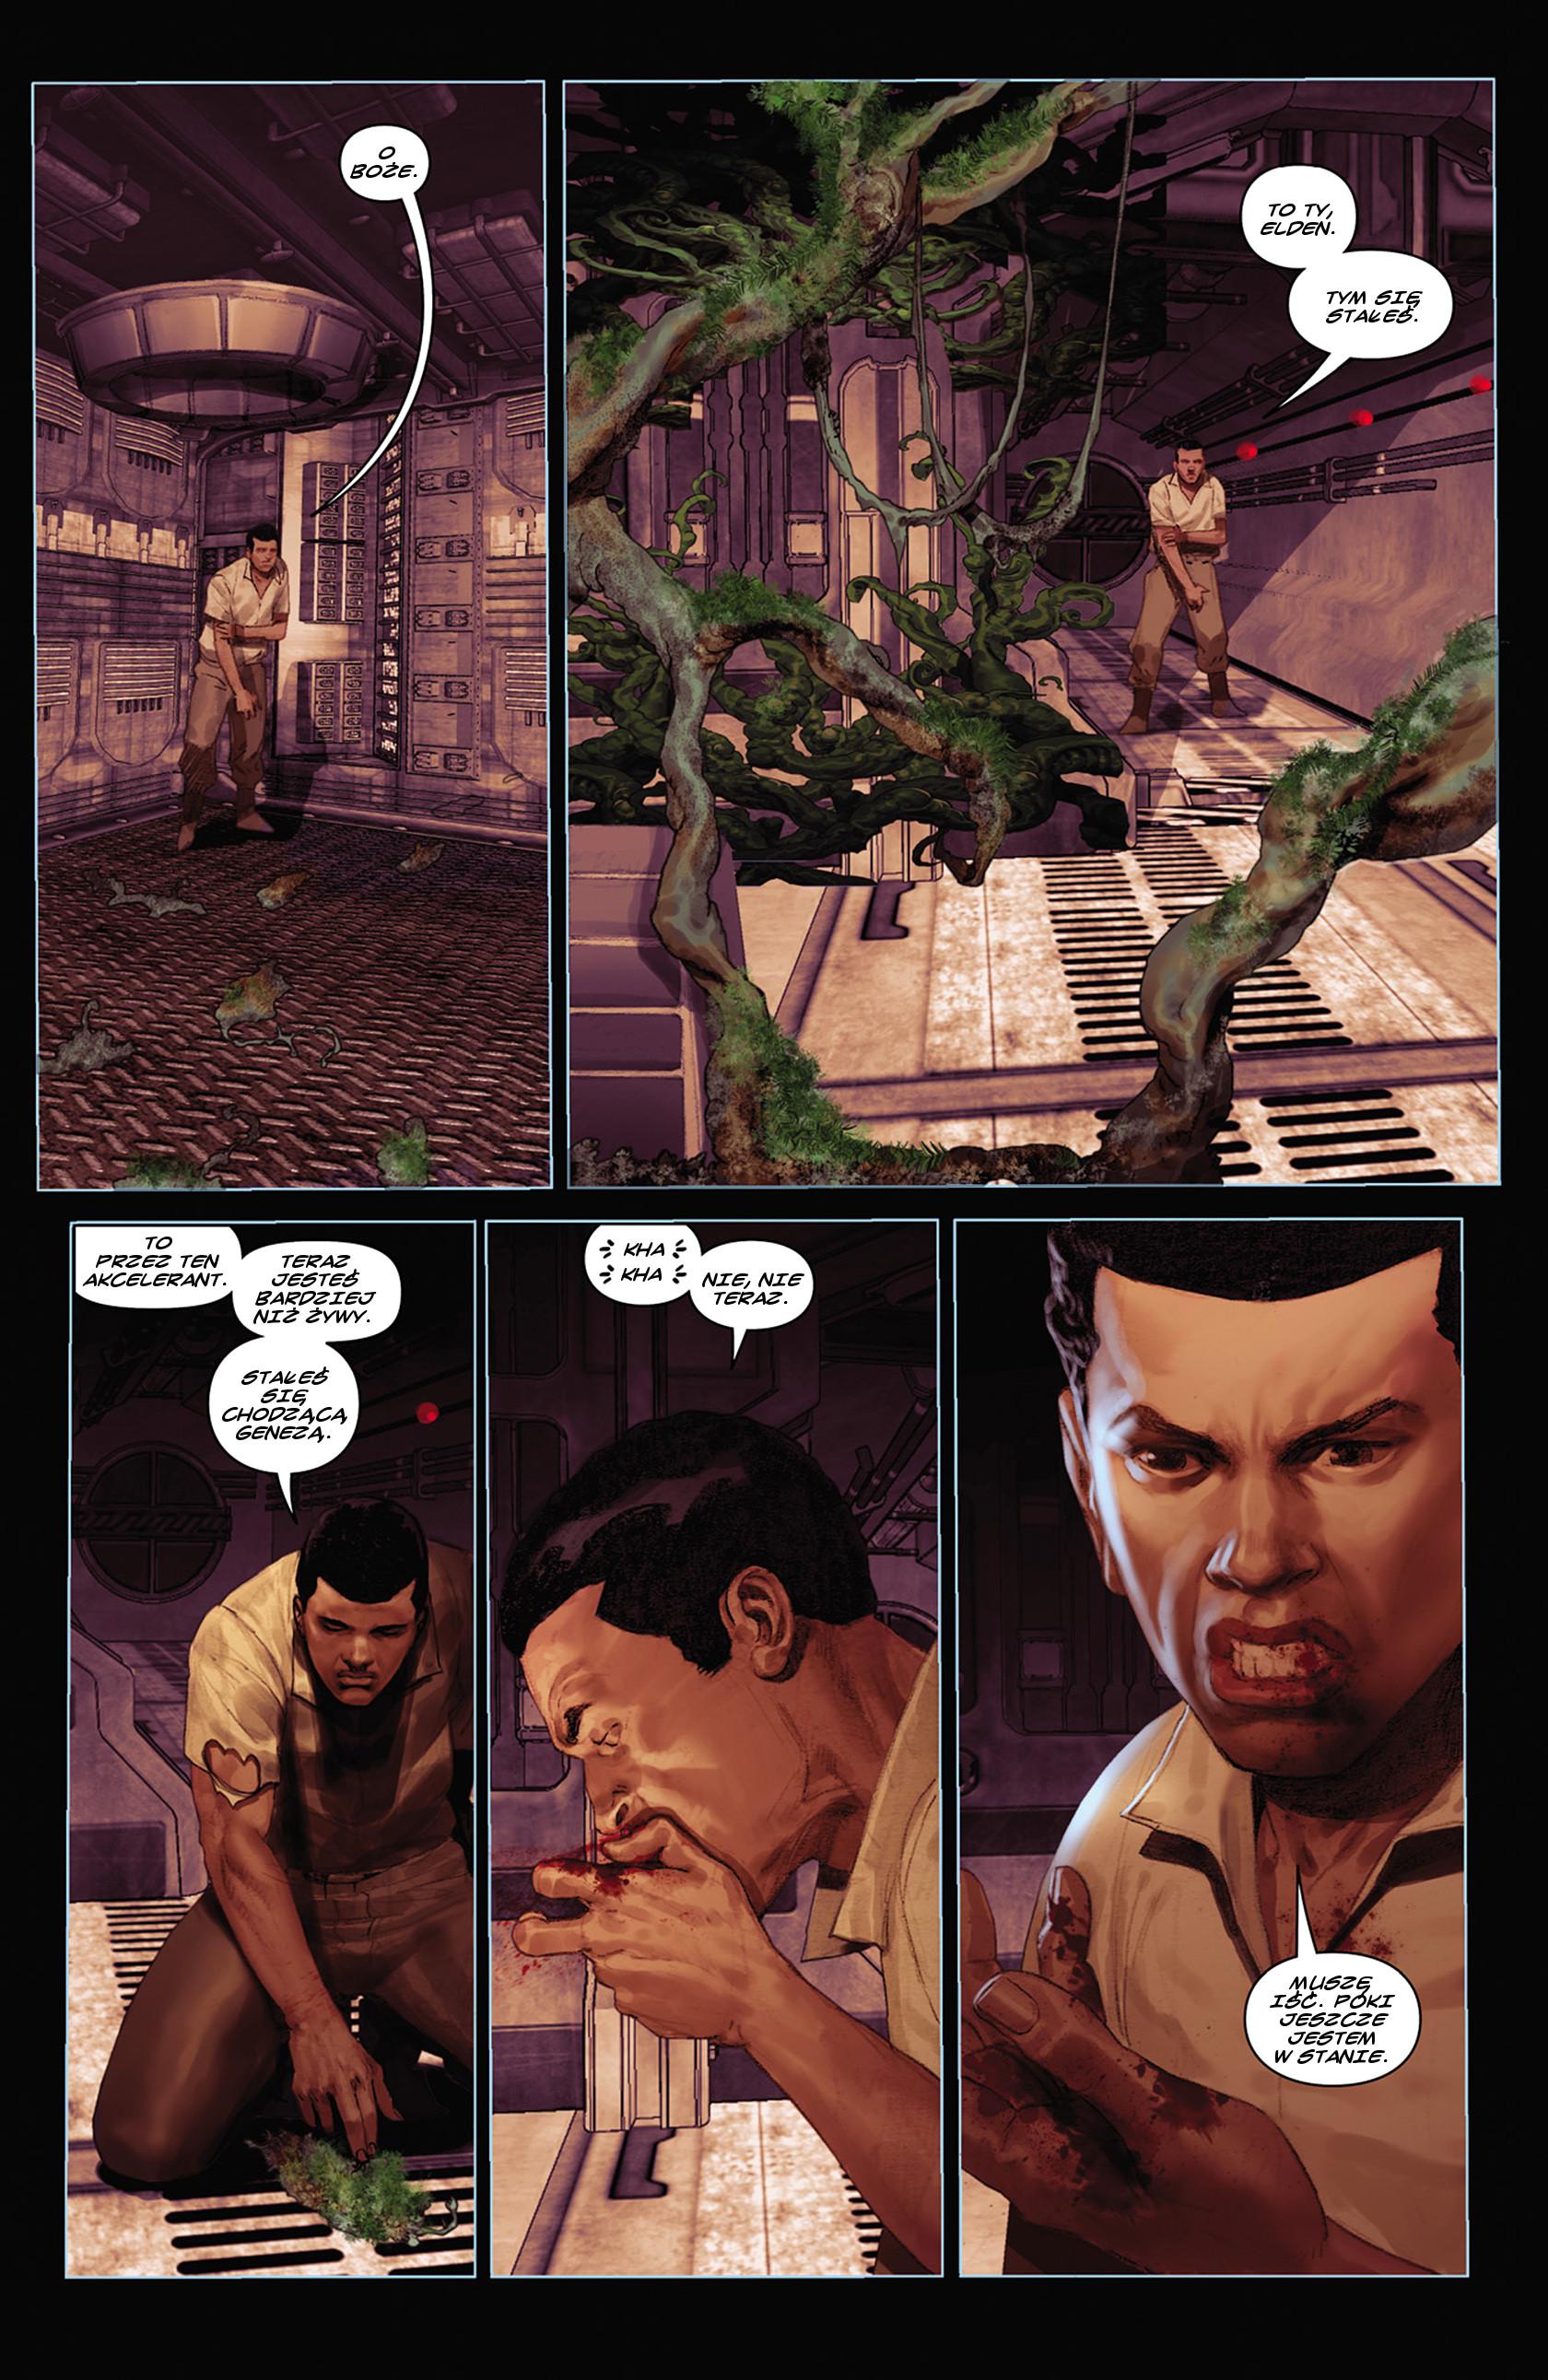 Read online Alien vs. Predator: Fire and Stone comic -  Issue #2 - 10